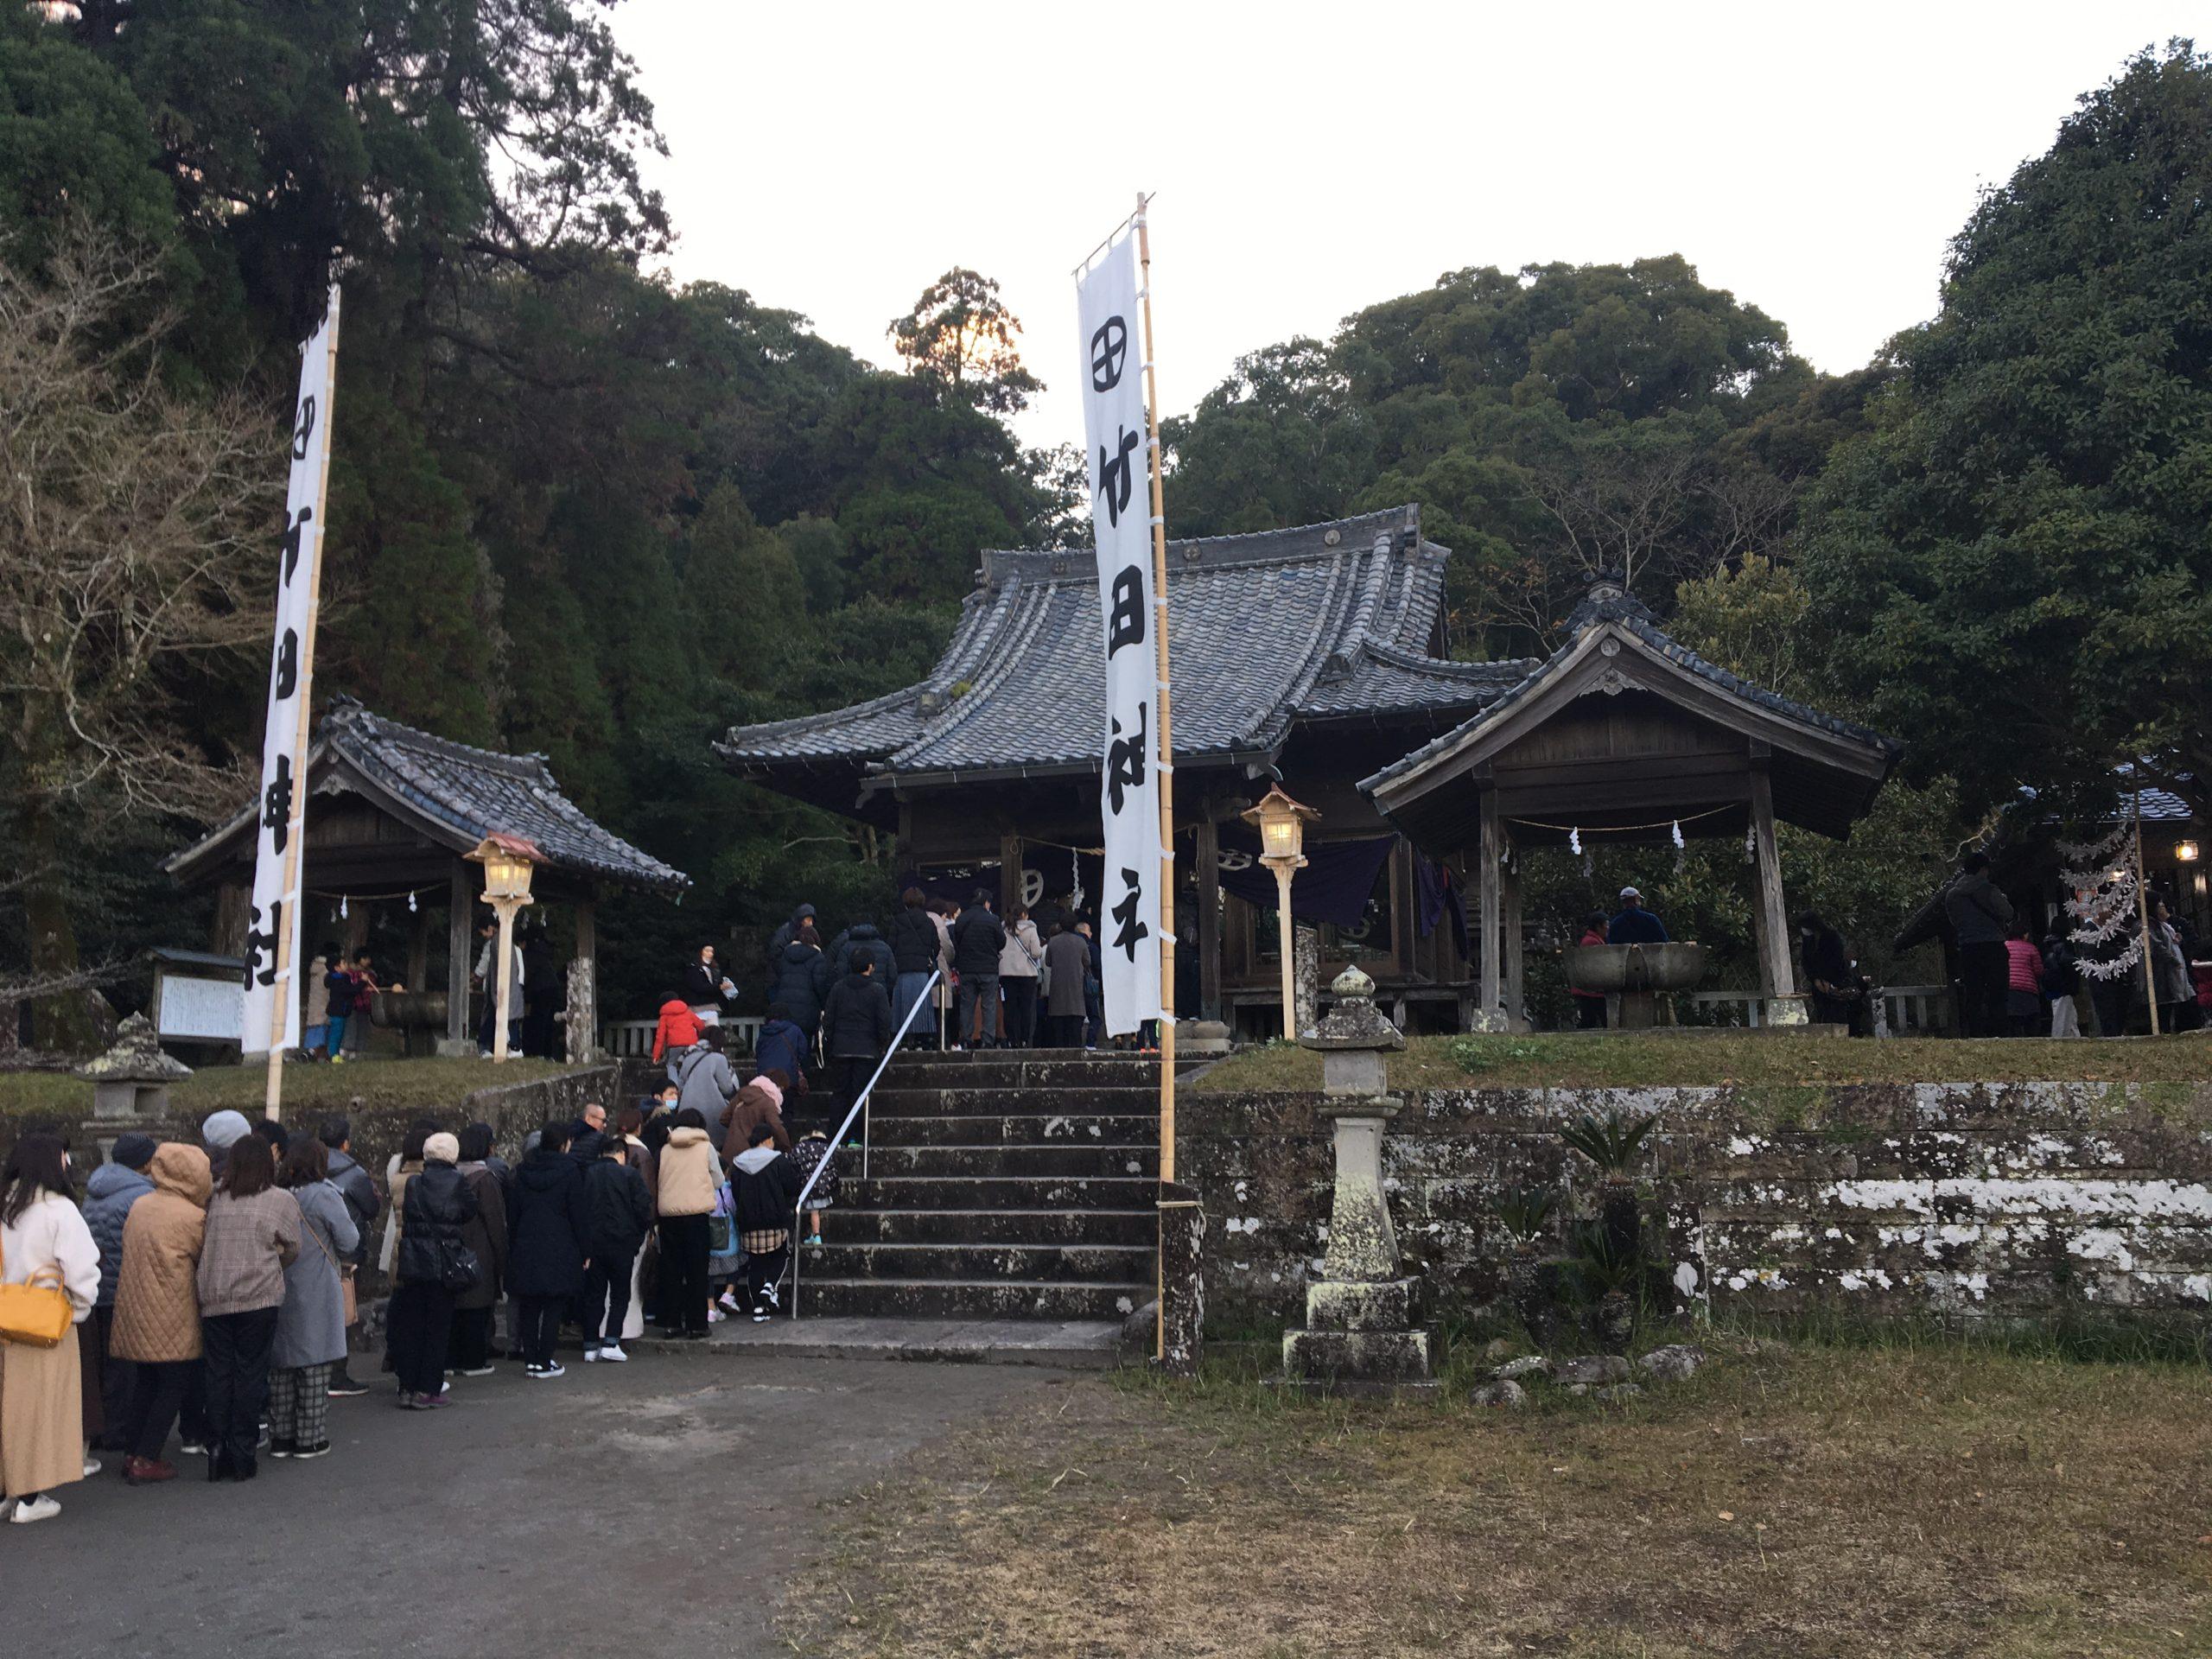 【南さつま市】2020年初詣、竹田神社と飯倉神社で今年の初詣を締めくくった【南九州市】